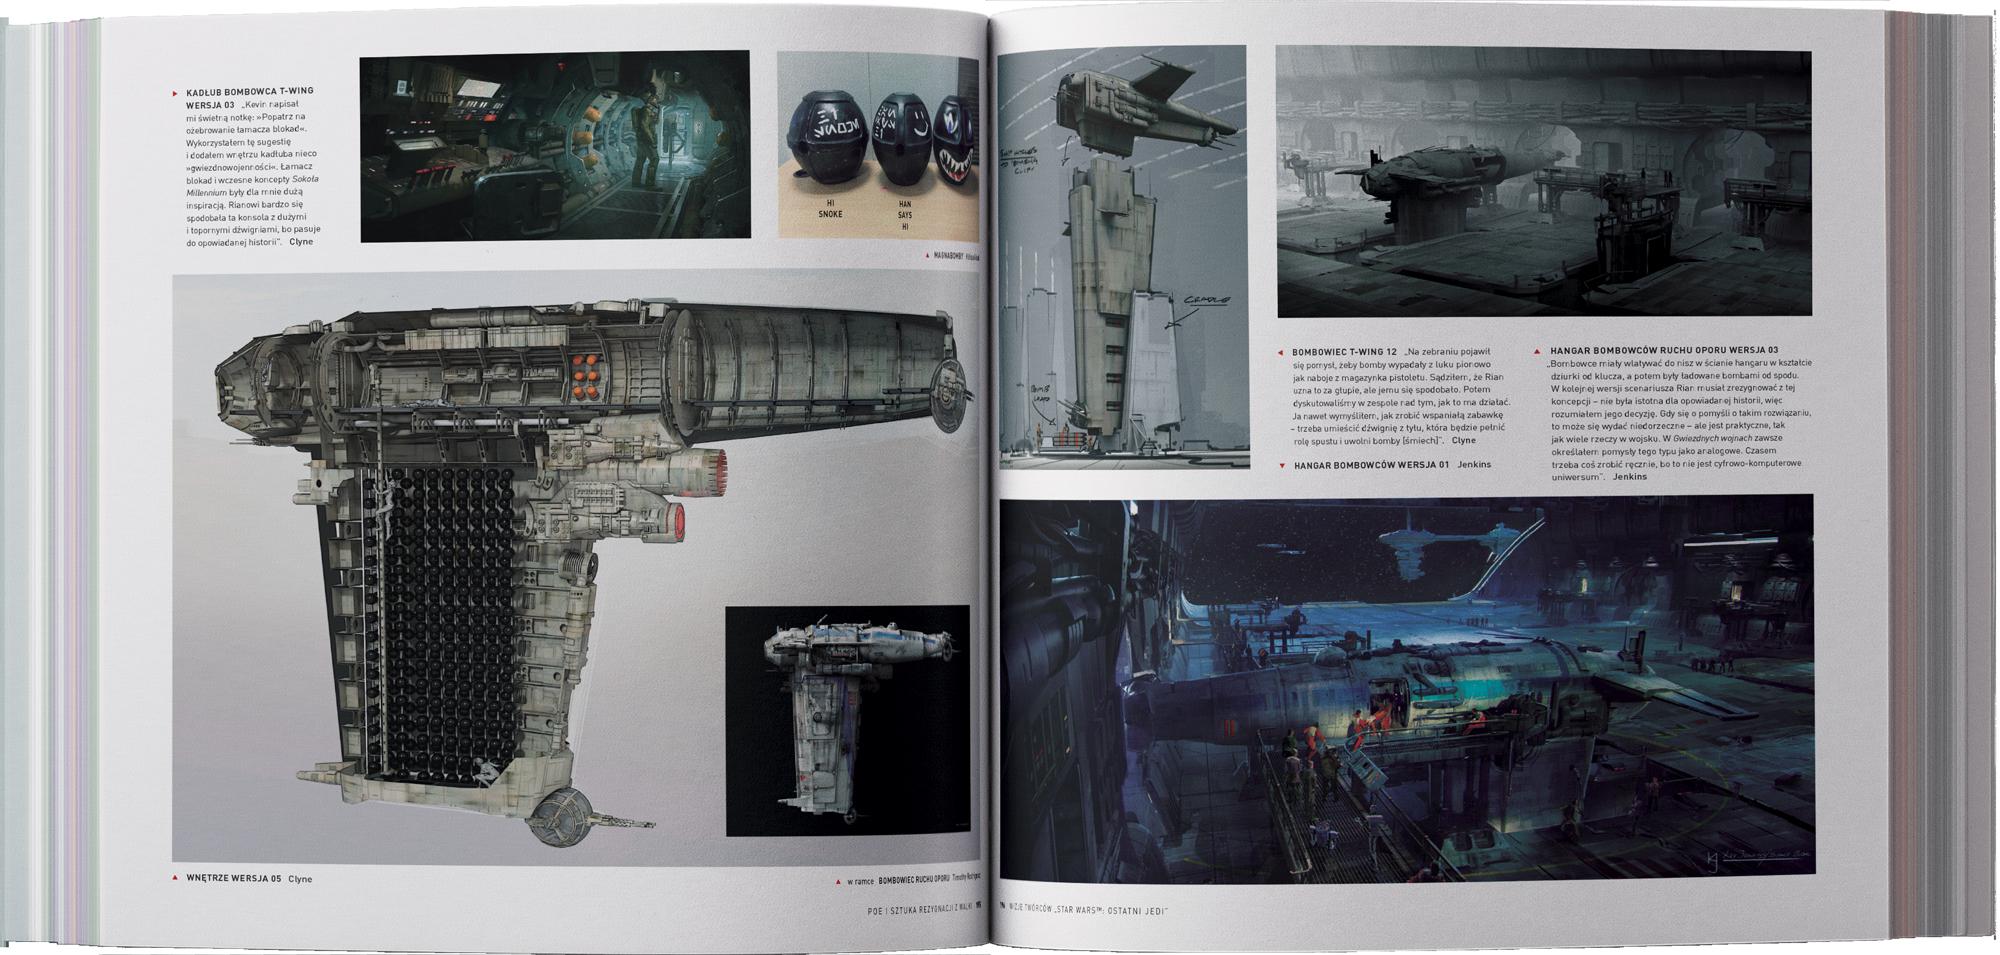 Wizje twórców Star Wars™: Ostatni Jedi